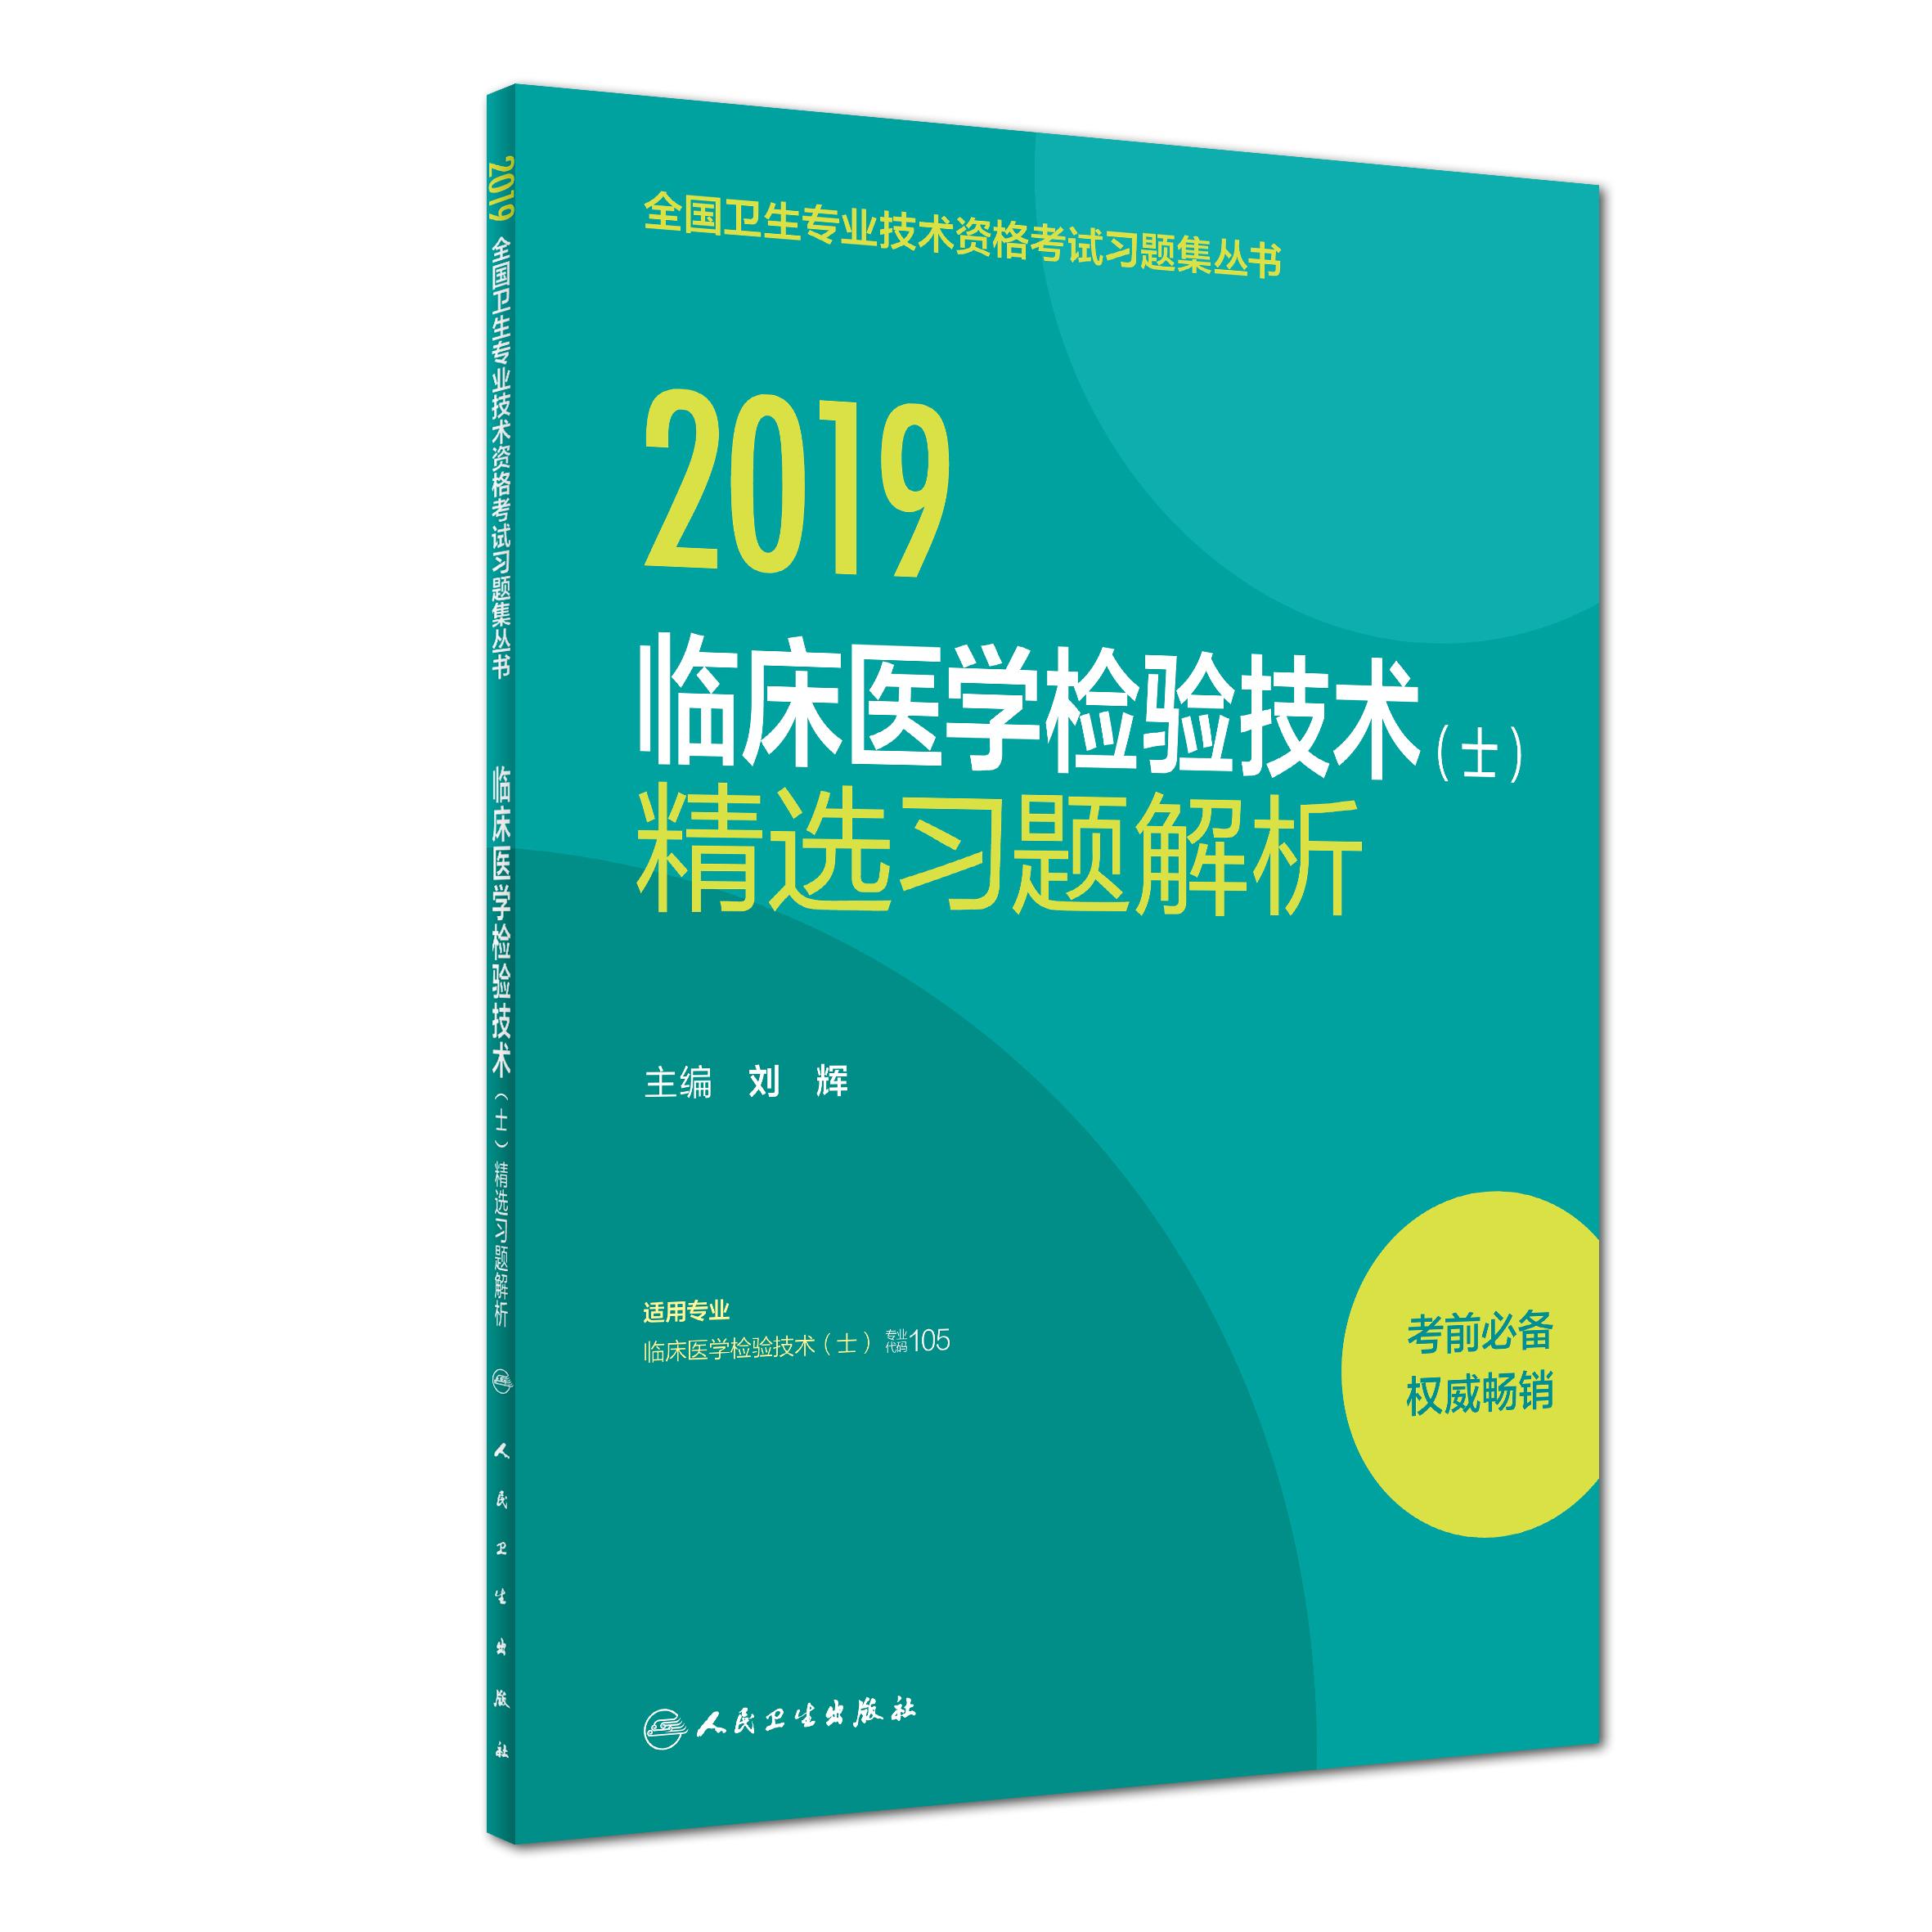 2019全国卫生专业技术资格考试习题集丛书——临床医学检验技术(士)精选习题解析